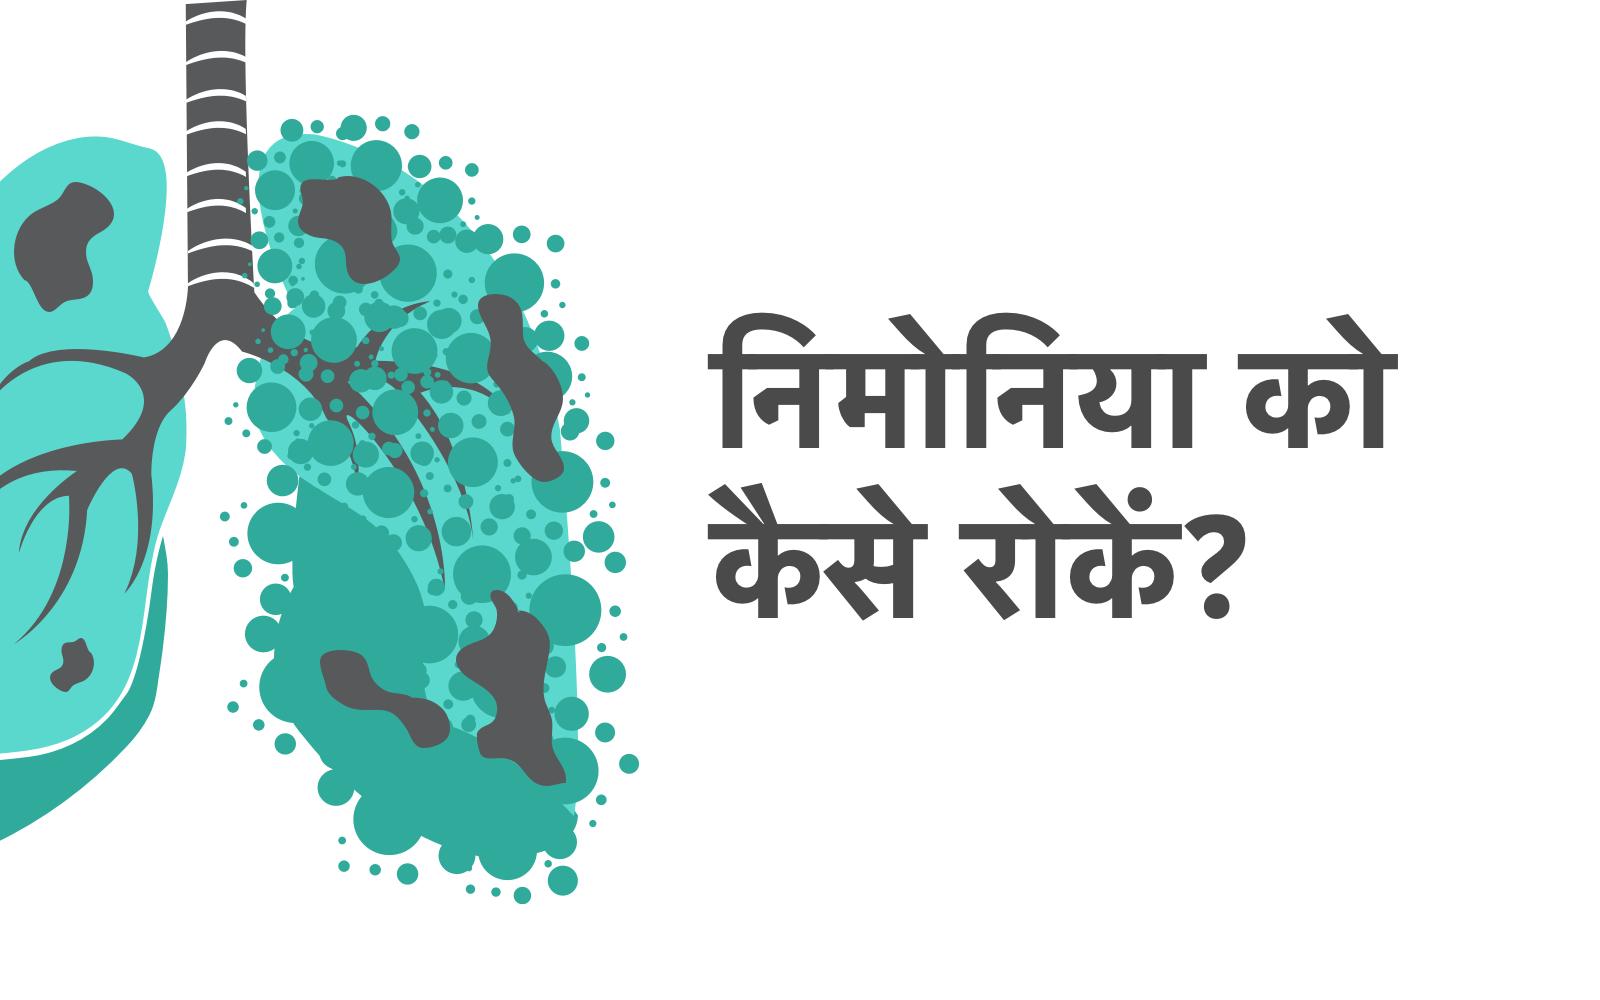 Prevention for Pneumonia |निमोनिया को कैसे रोकें?